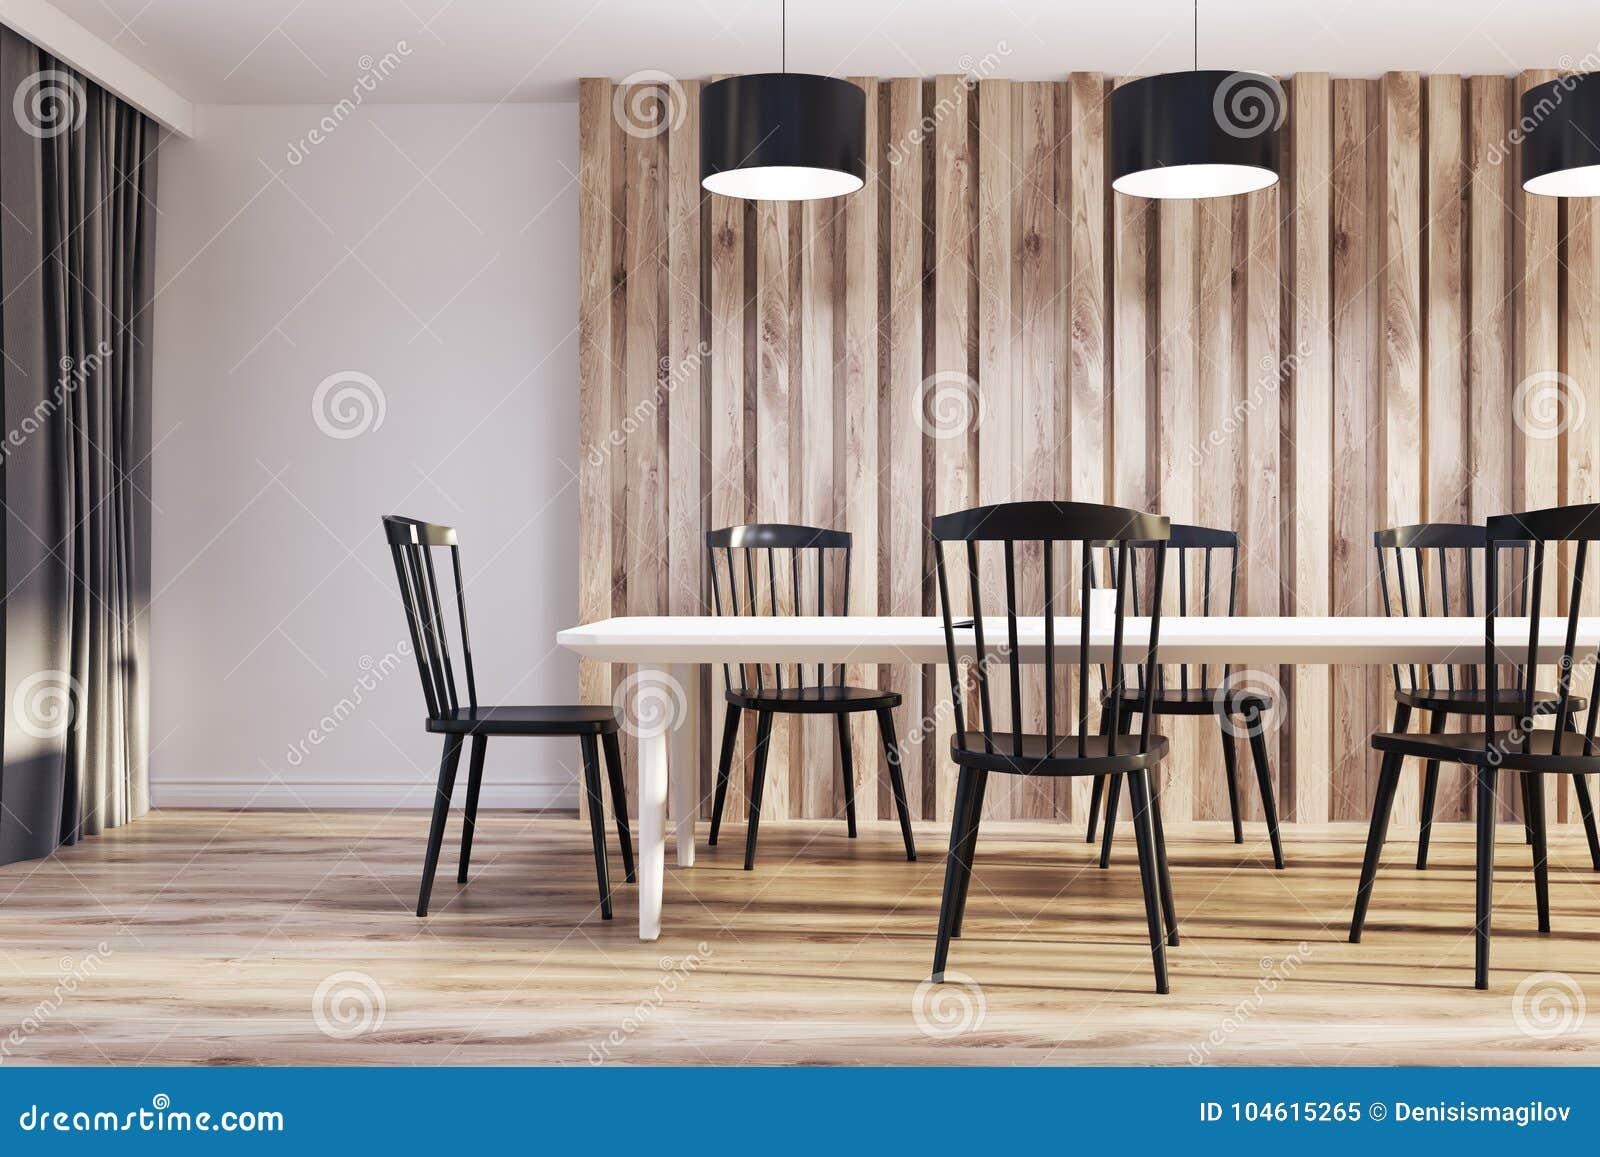 Sedie Bianche E Legno : Sala da pranzo bianca e di legno sedie nere illustrazione di